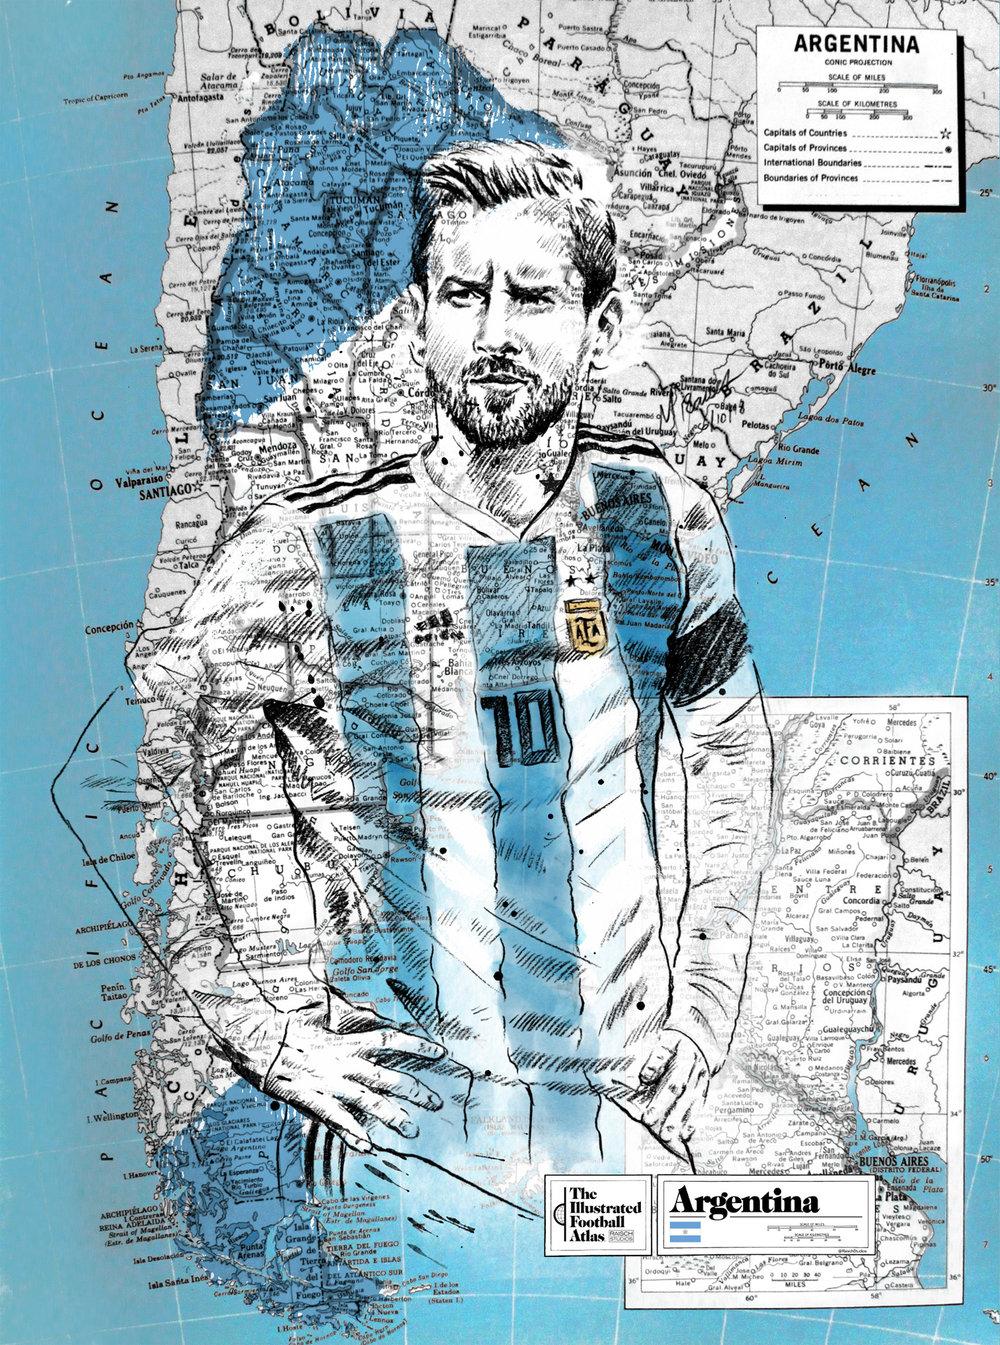 Argentina_the_Football_Atlas_WorldCup2018-Raisch.jpg